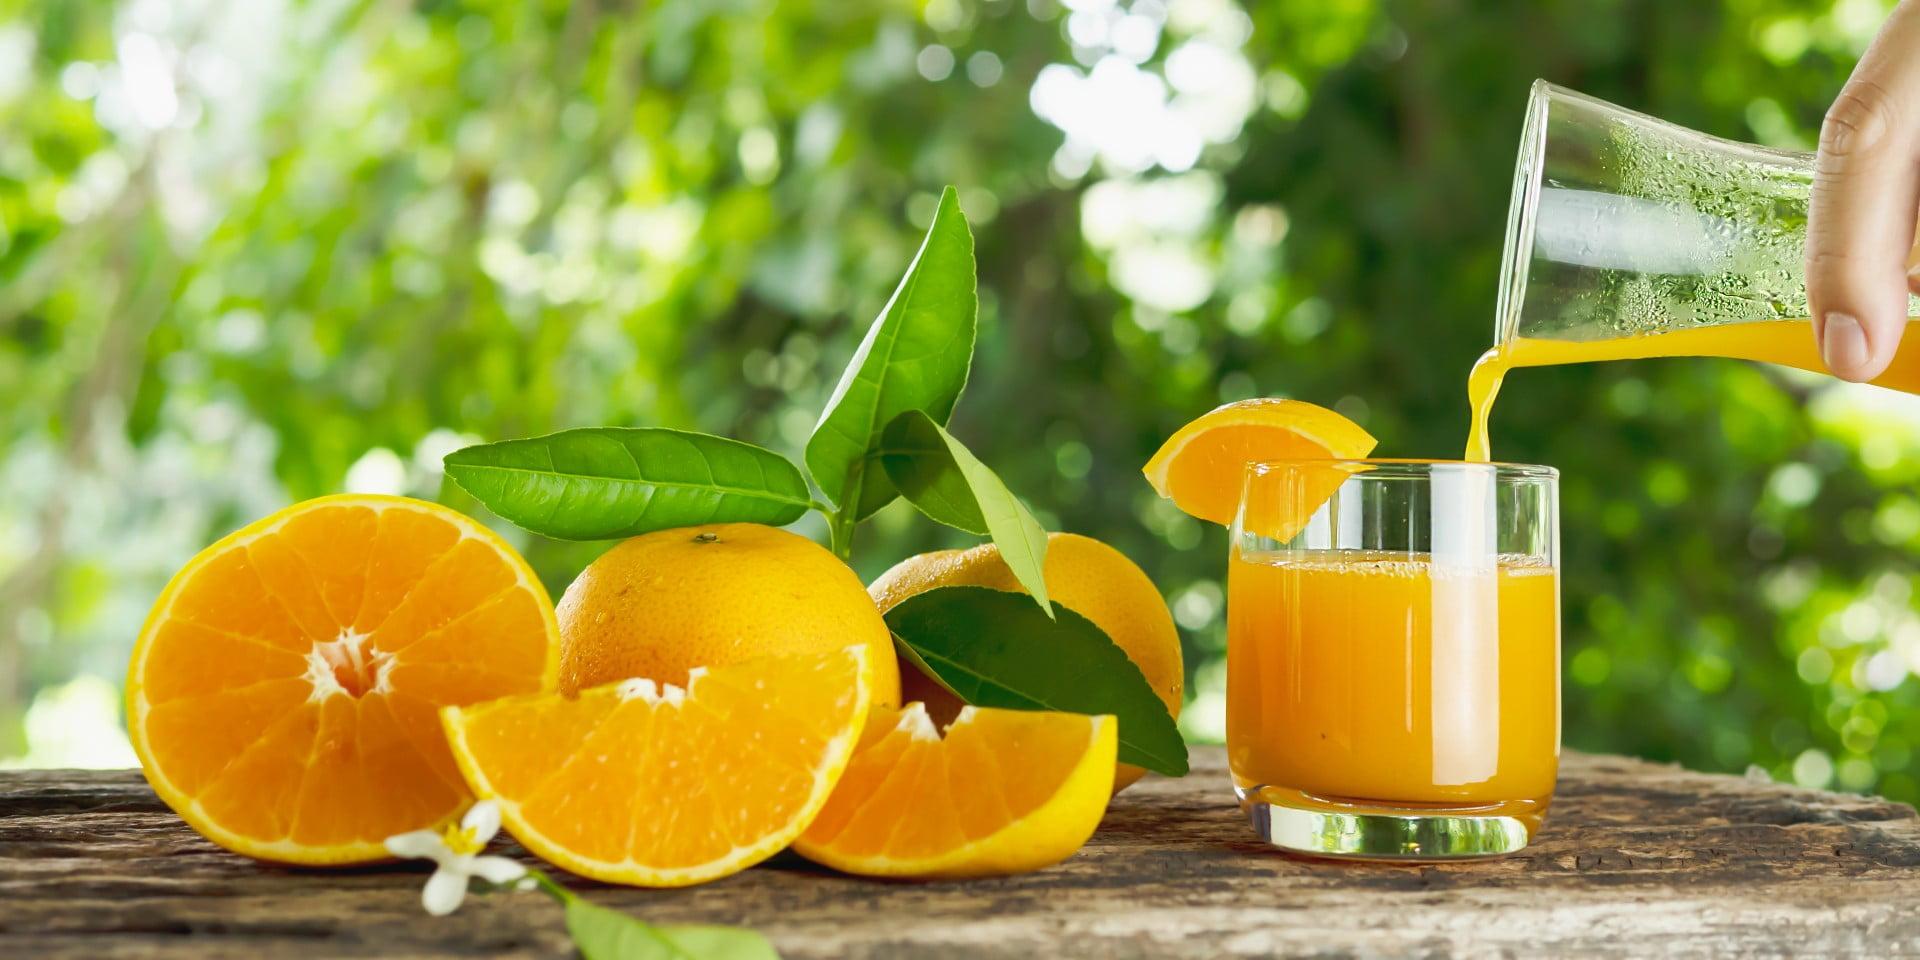 vitamin C an essential nutrient